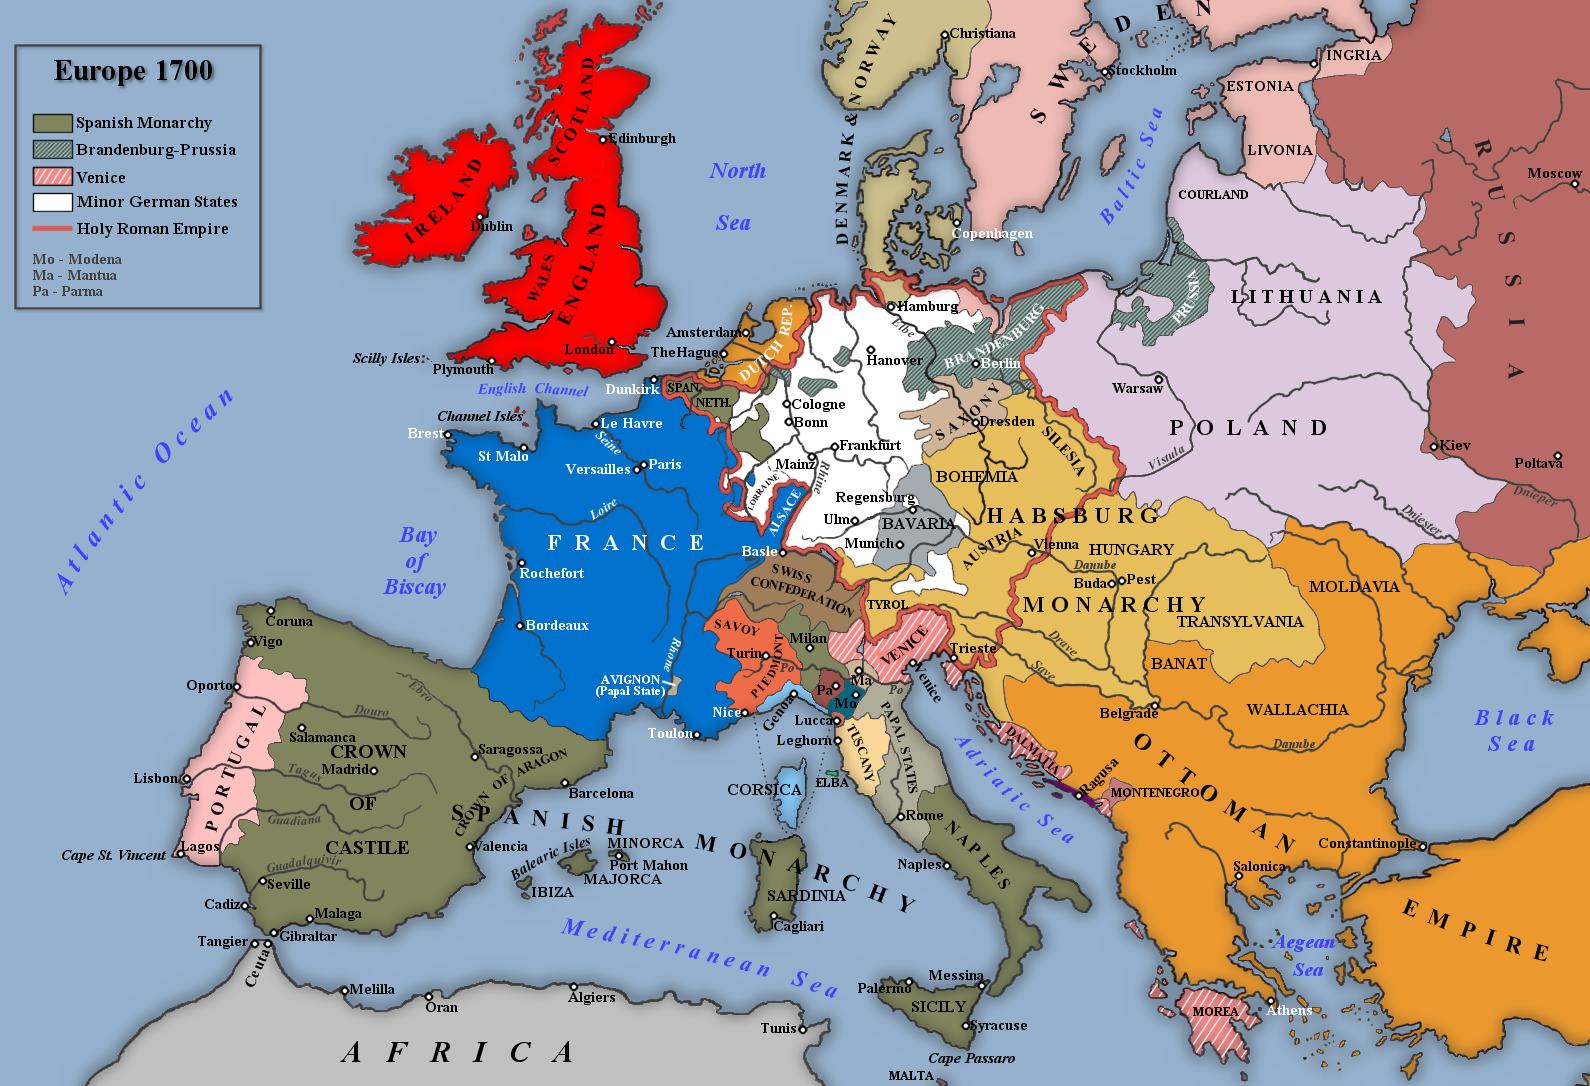 Η Ευρώπη κατά τον πόλεμο της Ισπανικής διαδοχής, 1700